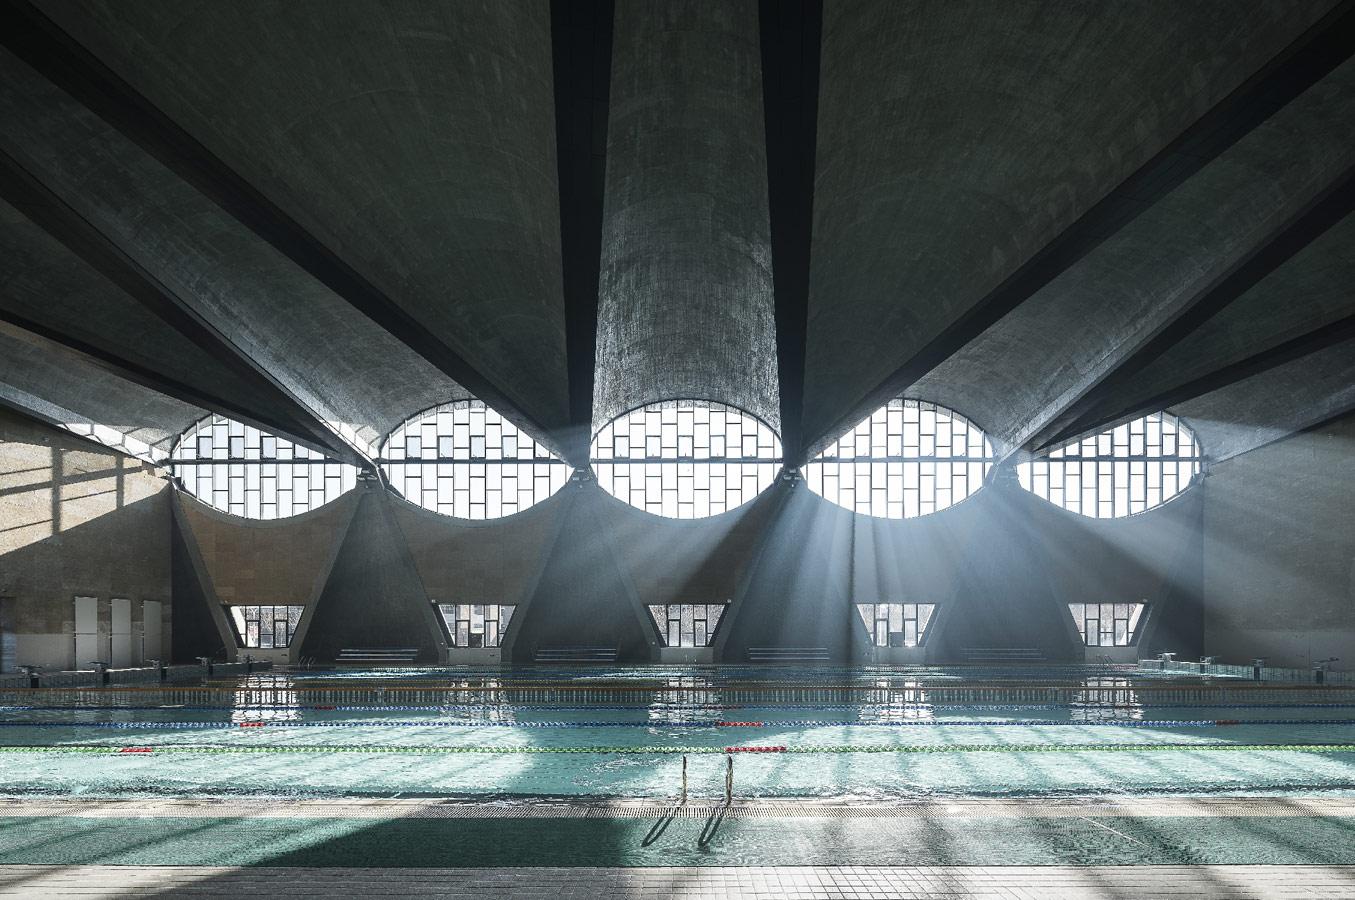 © Терренс Жанг (Terrence Zhang), Бассейн, новый кампус Тяньцзиньского университета (Китай). Архитекторы: Atelier Li Xinggang, Конкурс «Архитектурная фотография»